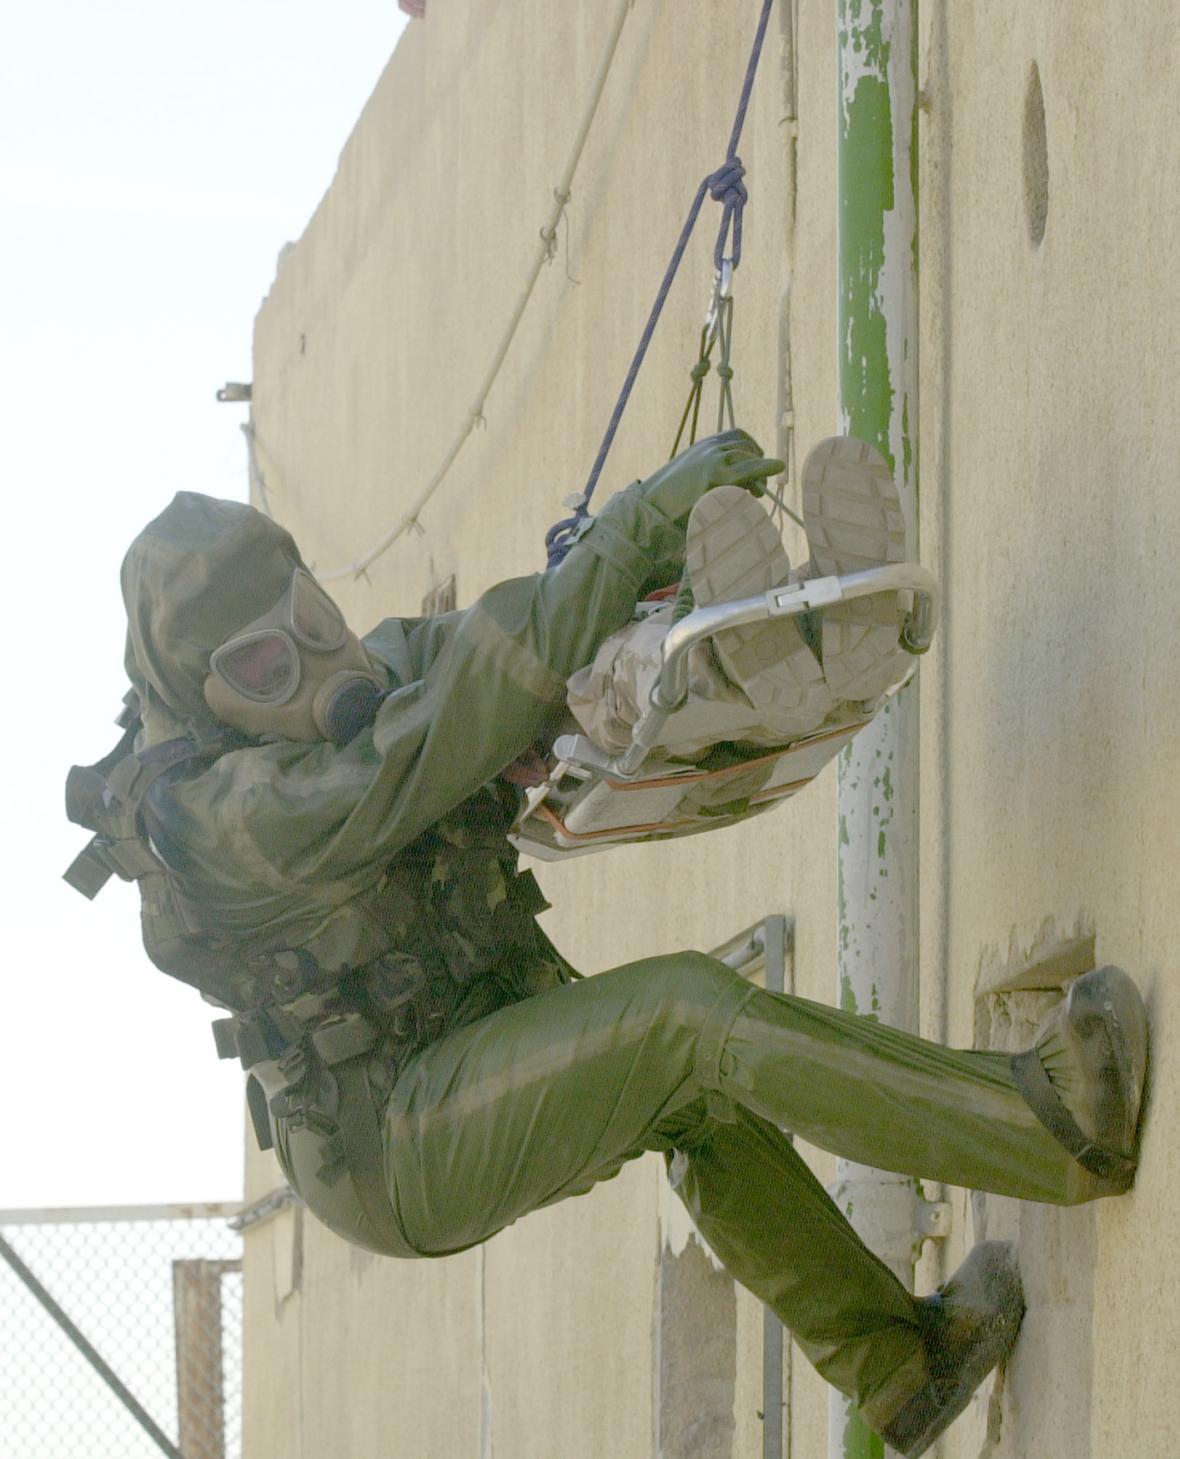 Evakuaci raněných při chemickém a biologickém útoku trénovali příslušníci české protichemické jednotky při pravidleném cvičení v kuvajtské poušti nedaleko americké základny Dauhá,